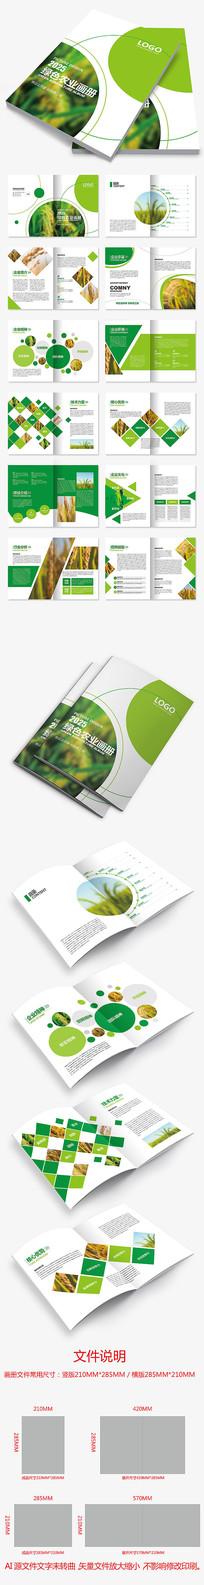 农业农产品绿色清新健康环�;� AI